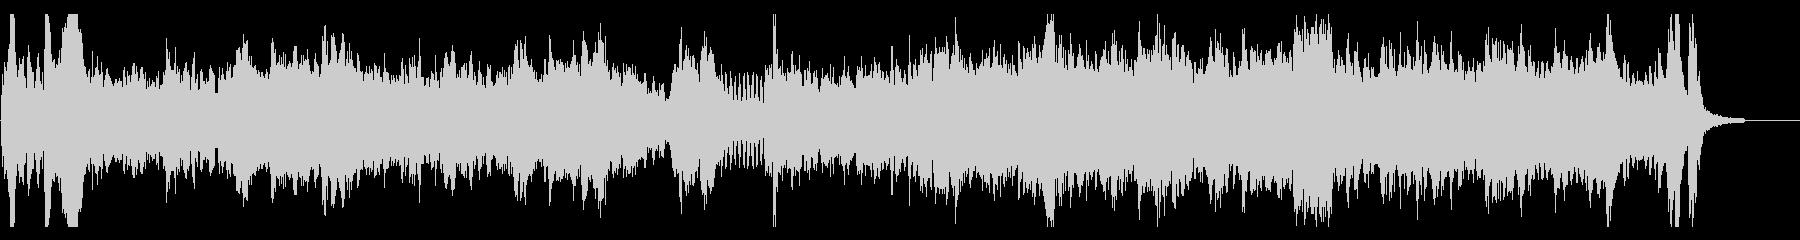 Forbidden City Ver1's unreproduced waveform